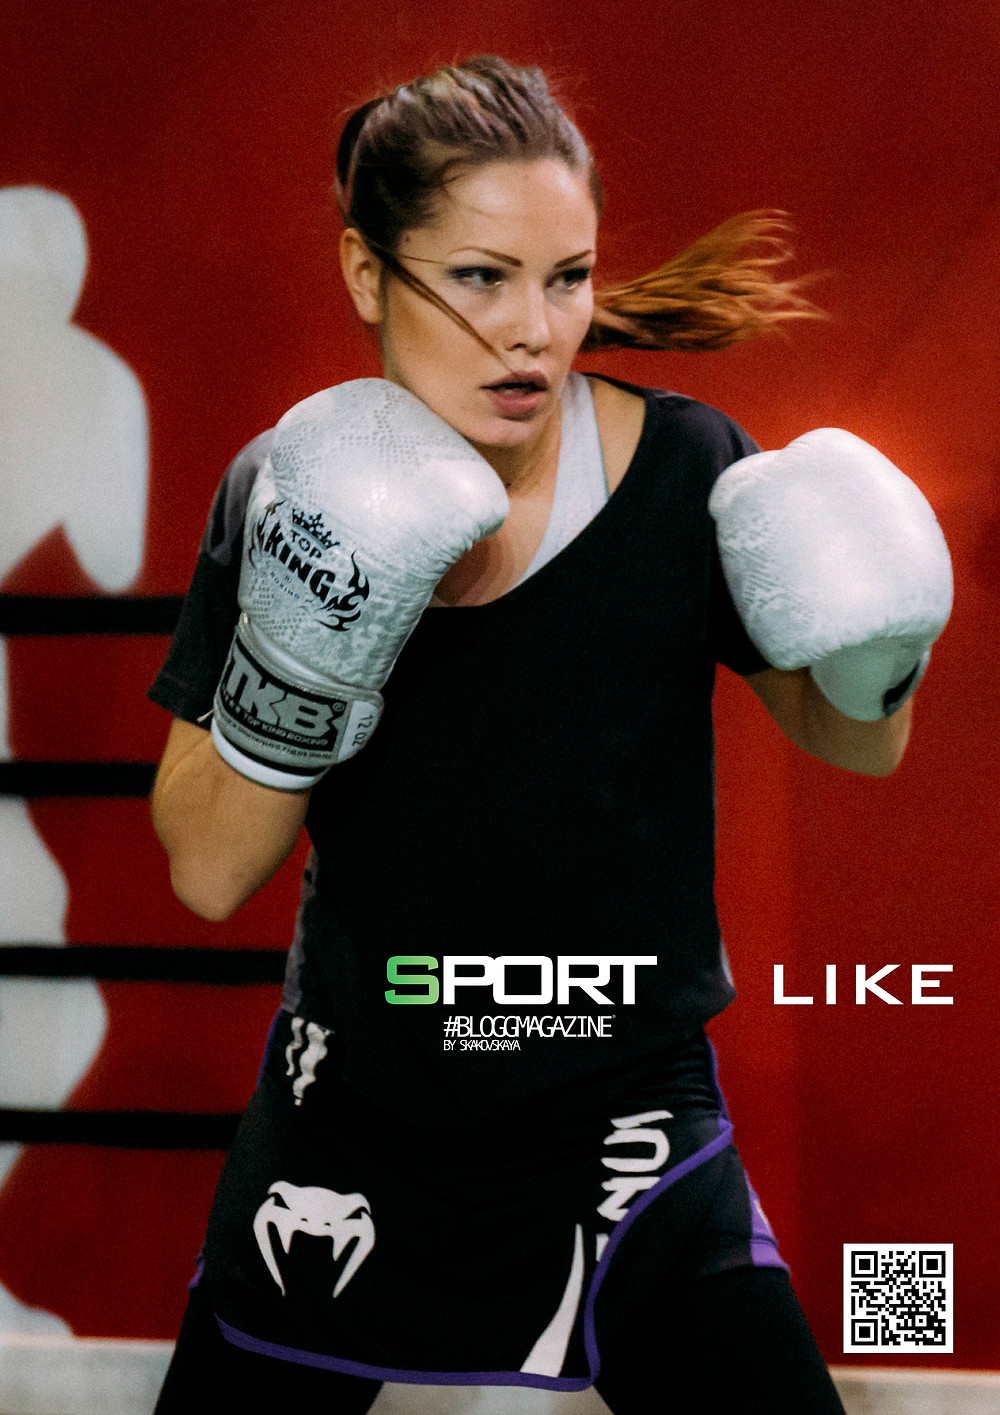 sportlike, magazine, бокс, скаковская, глянцевый журнал, bloggmagazine